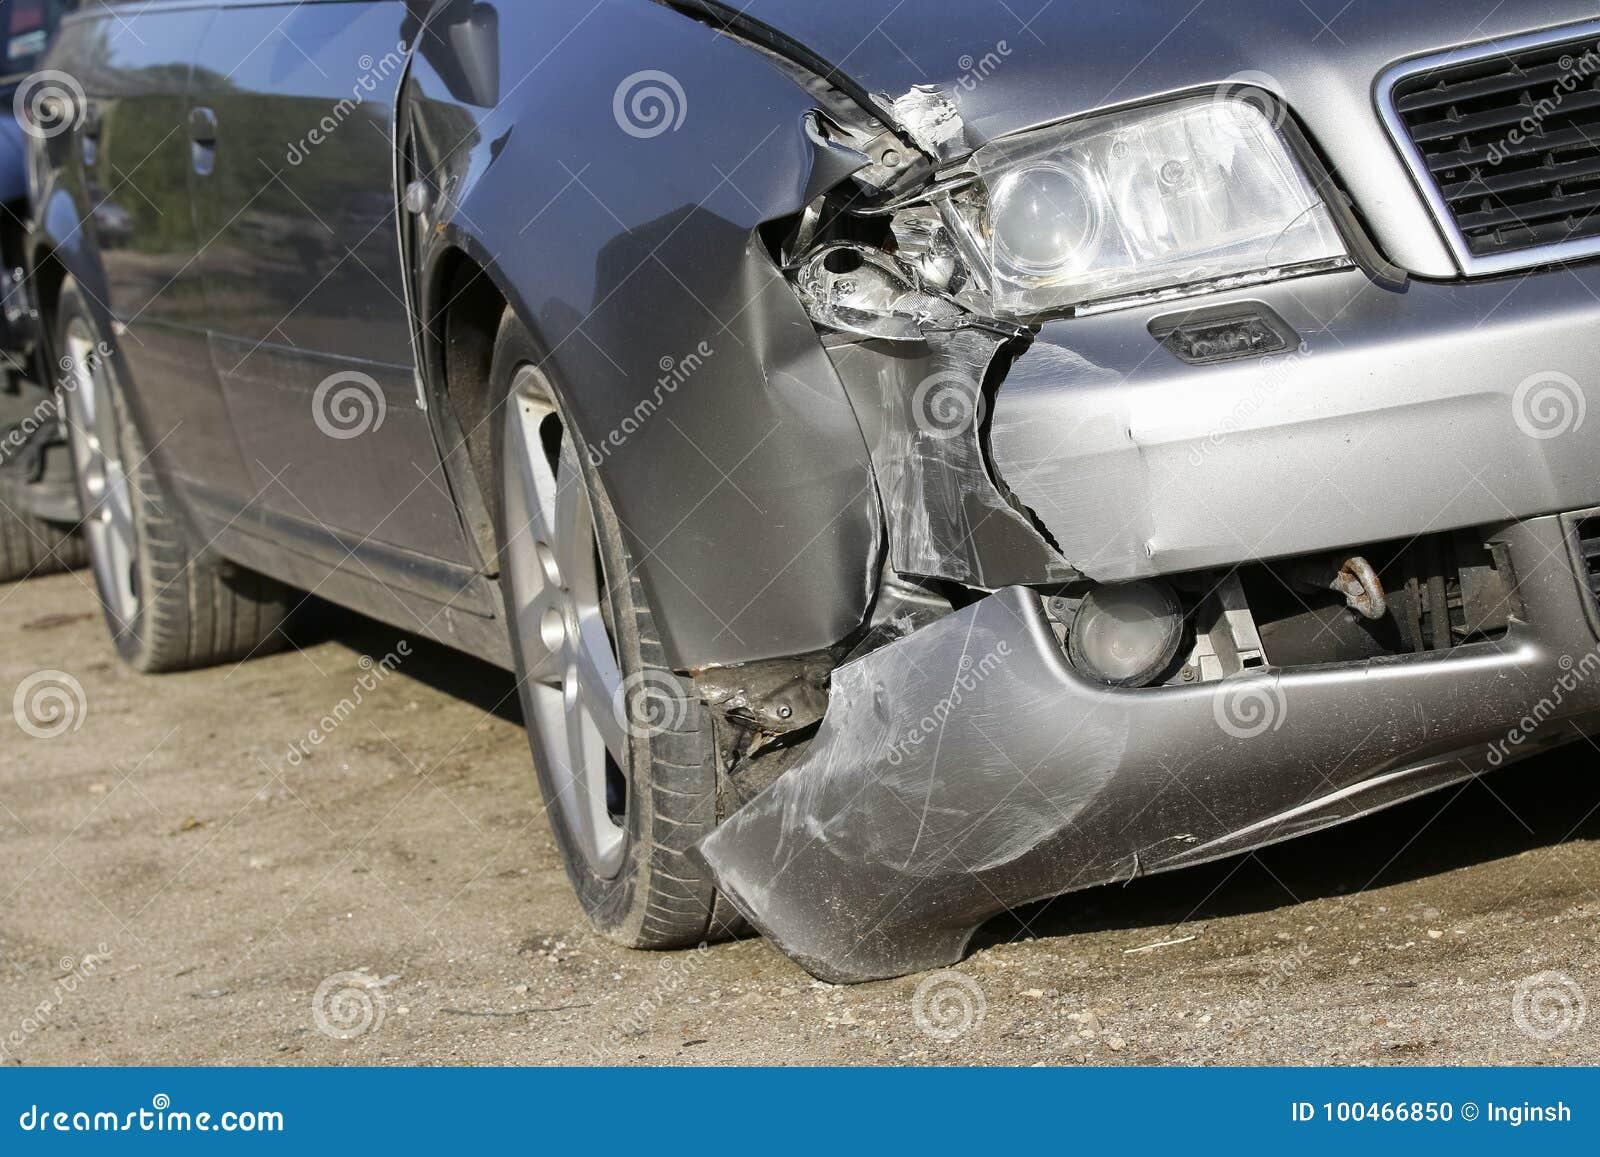 El frente del coche de plata consigue dañado por desplome